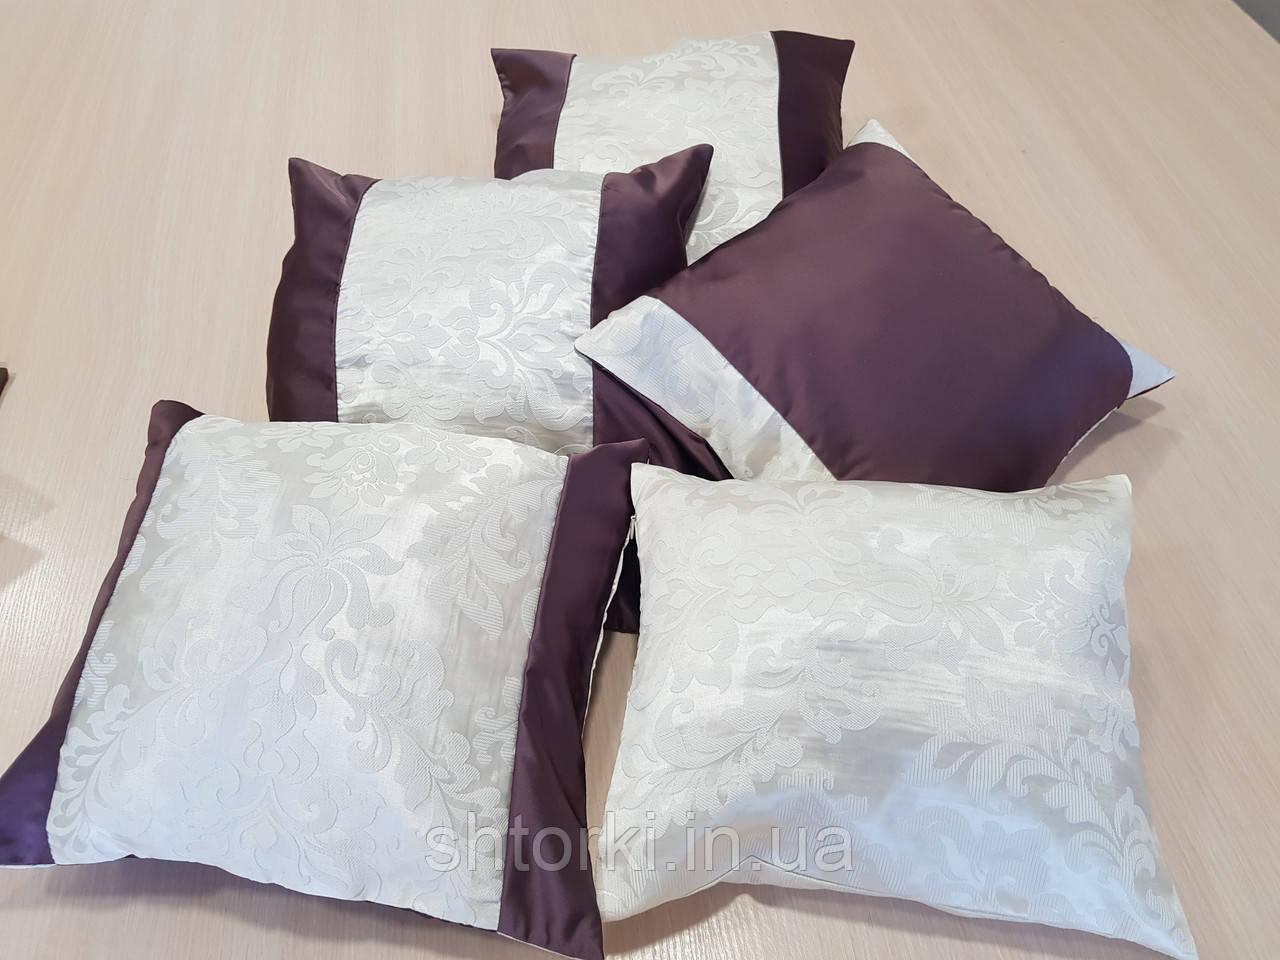 Комплект подушек   сирень и молочные завитки,5шт